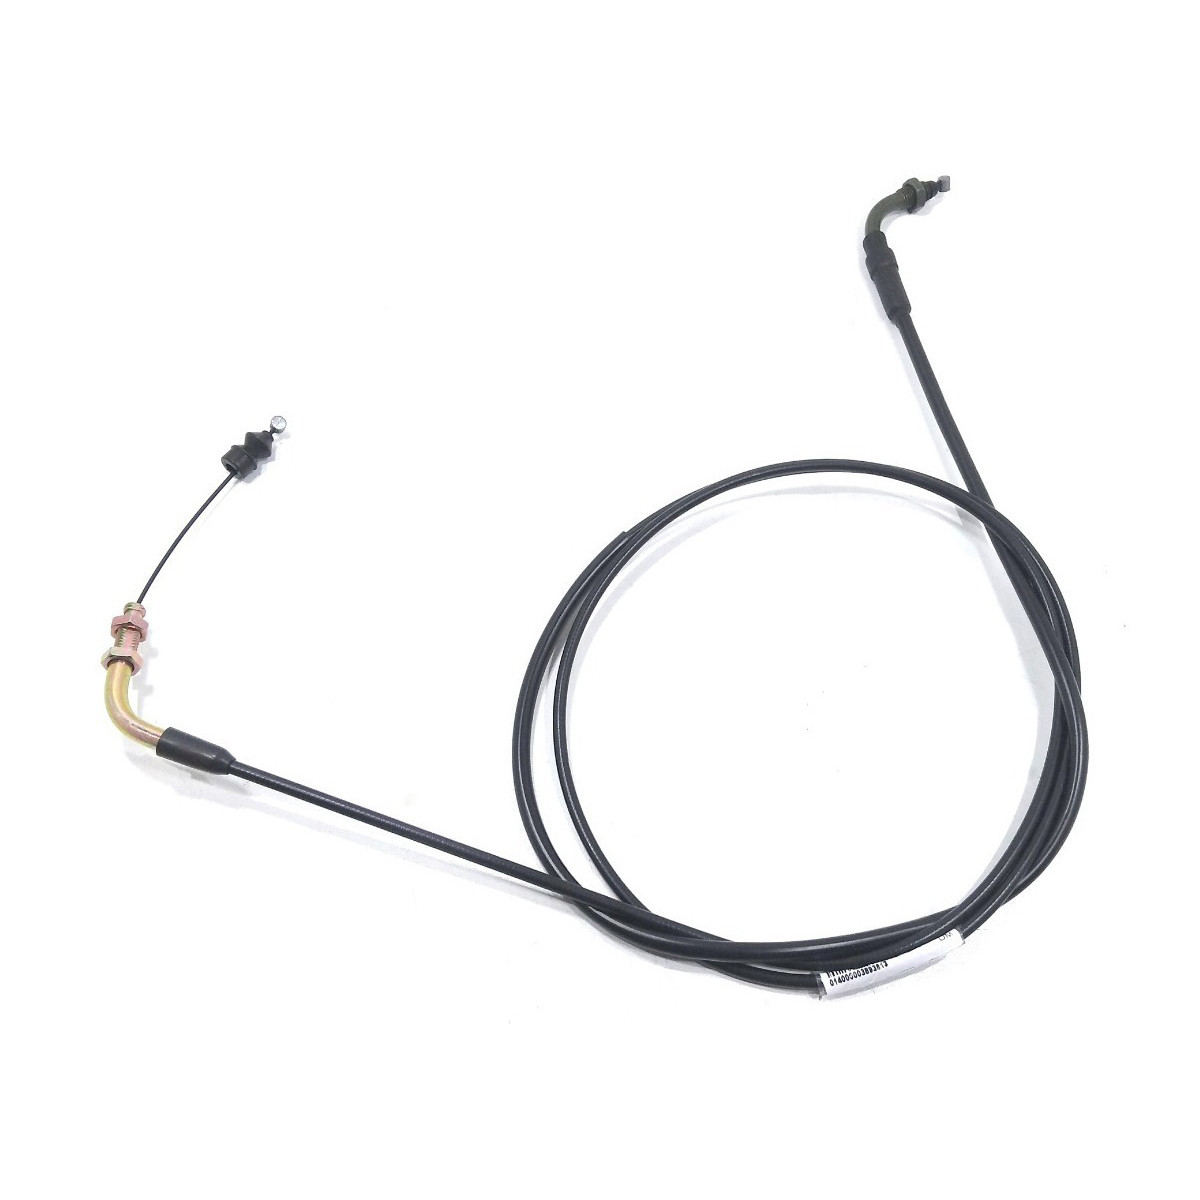 Cable Acelerador Zanella Styler Cruiser X R16 Original